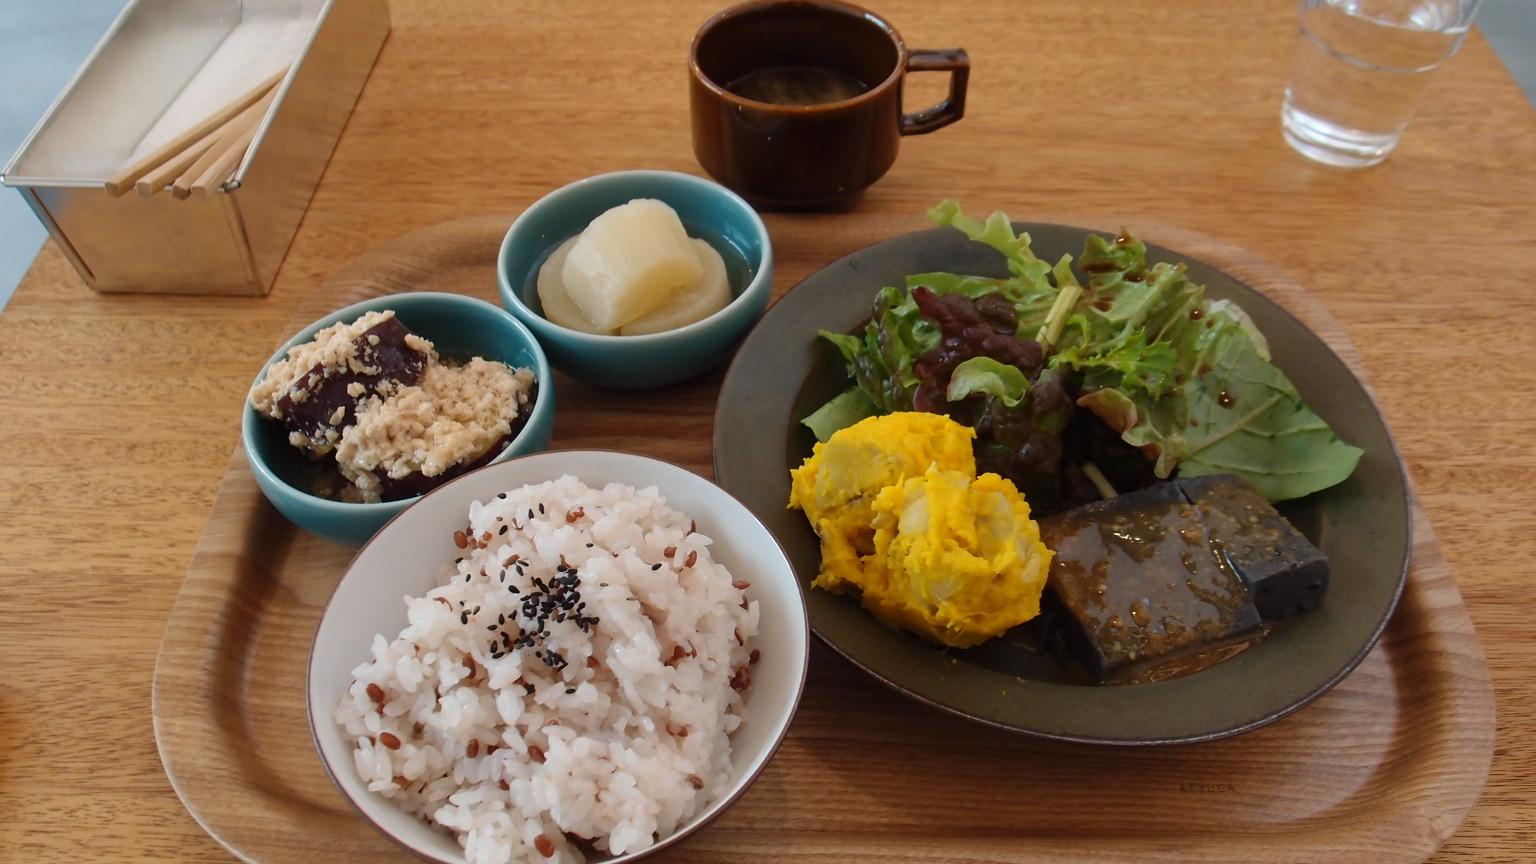 銀座 cafe634 副菜のプレート